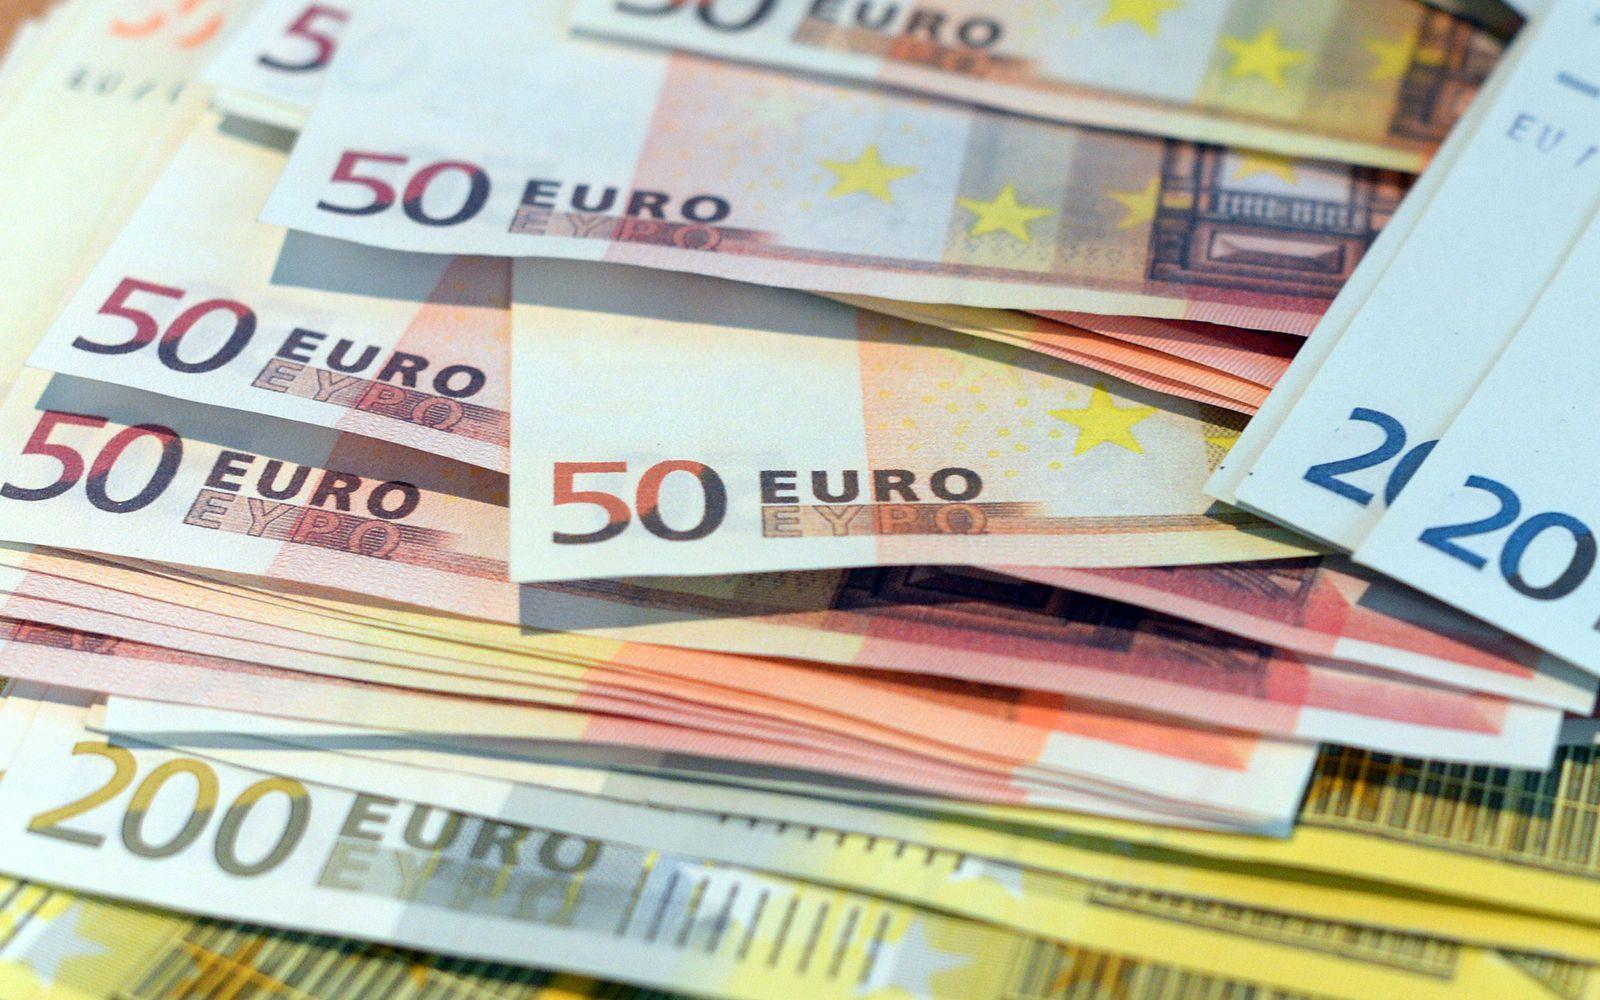 Falsche Euro-Scheine